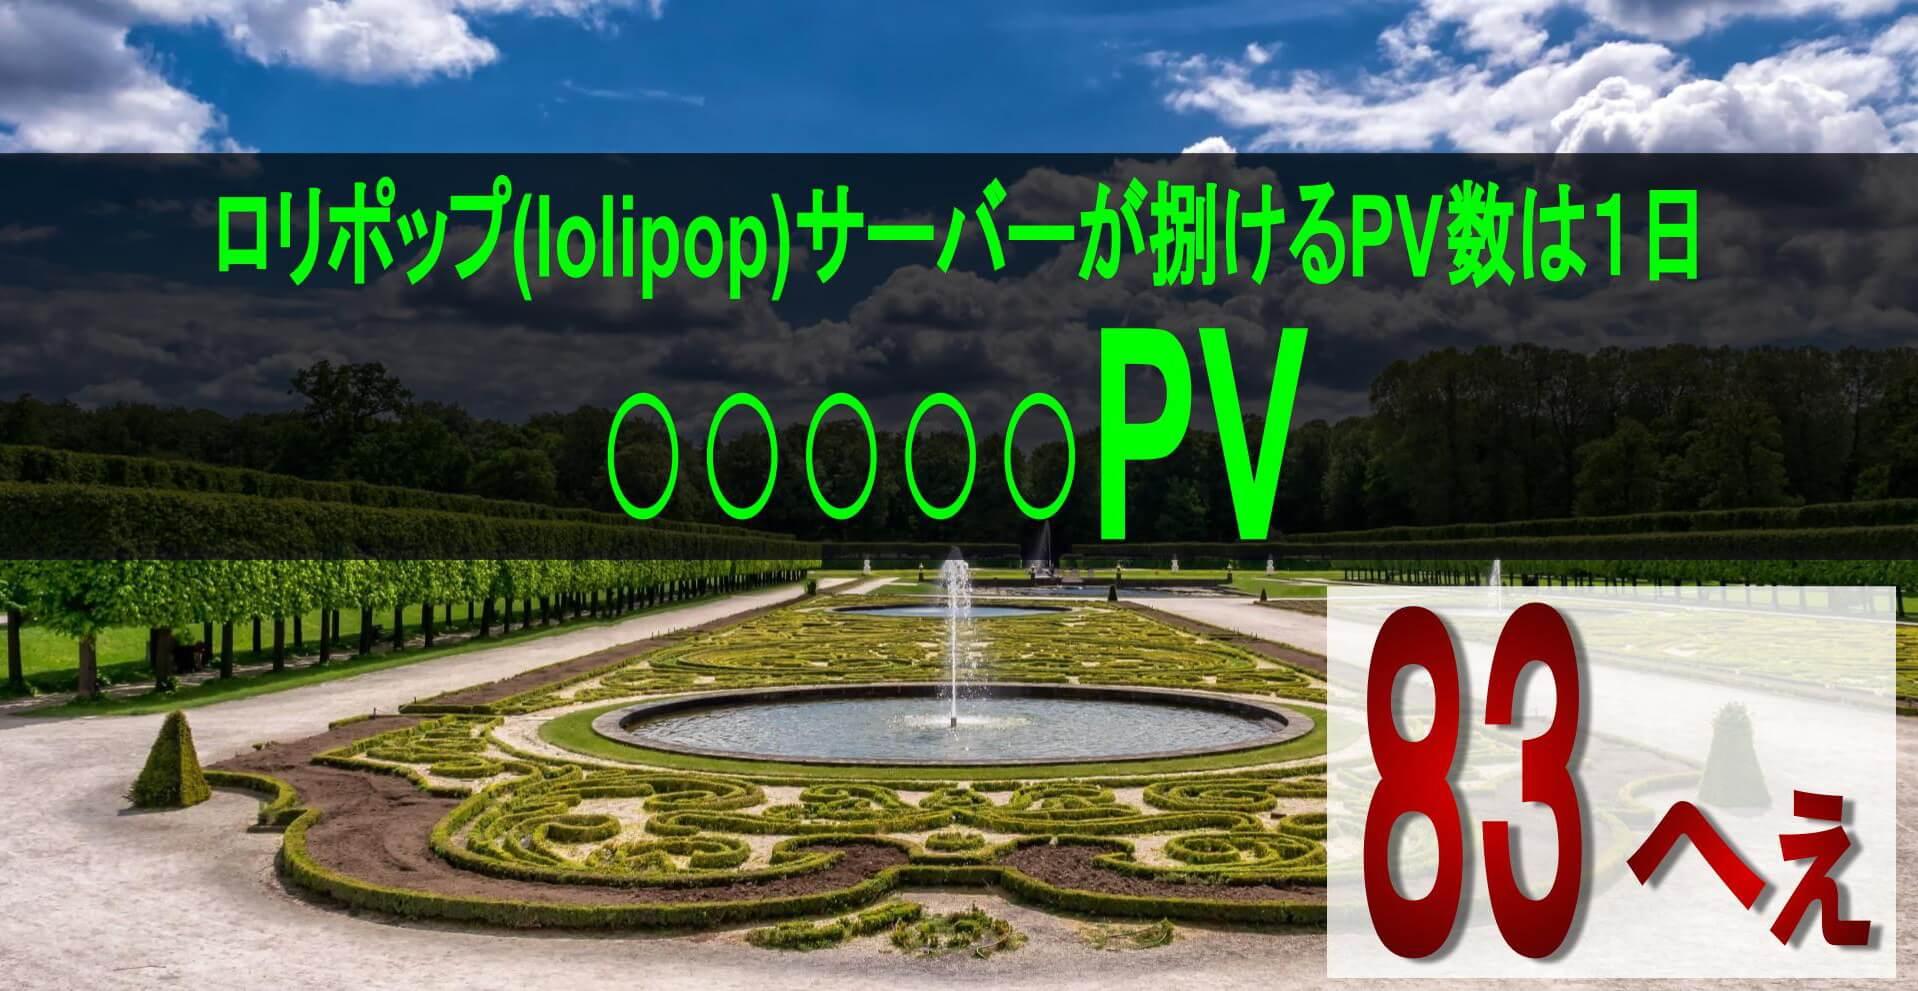 管理が行き届いた庭園 テキスト「ロリポップ(lolipop)サーバーが捌けるPV数は1日○○○○○PV」